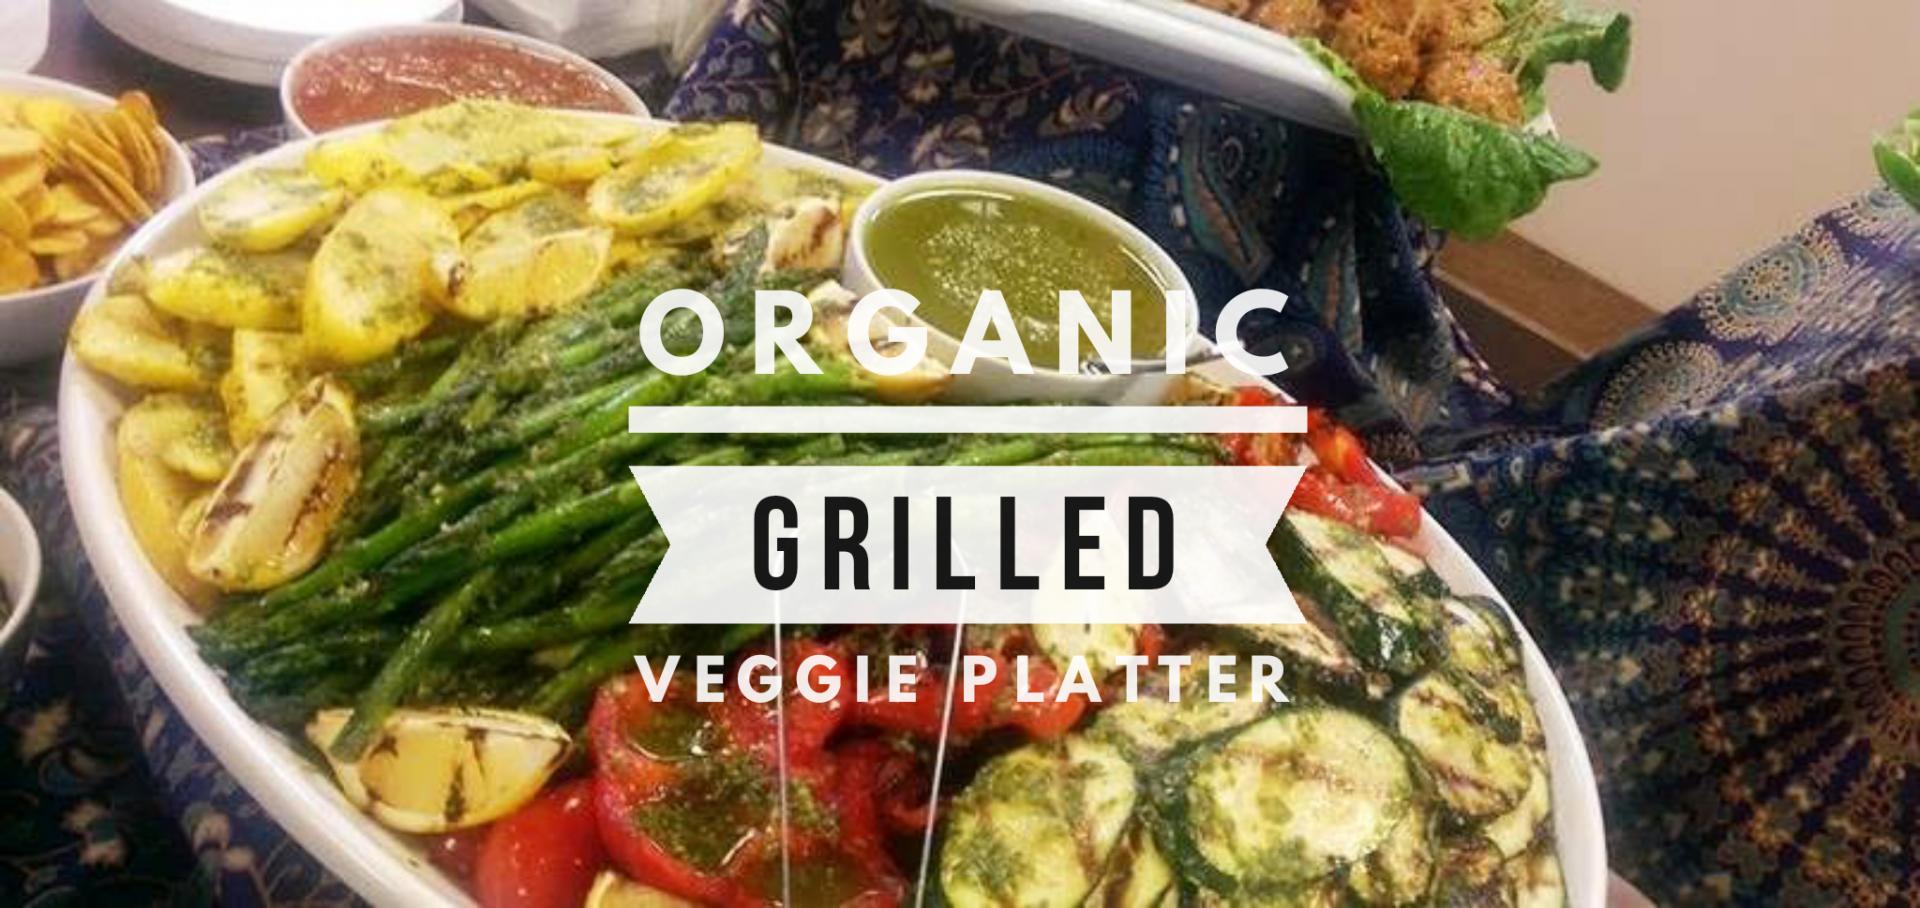 Organic Grilled Veggies Platter